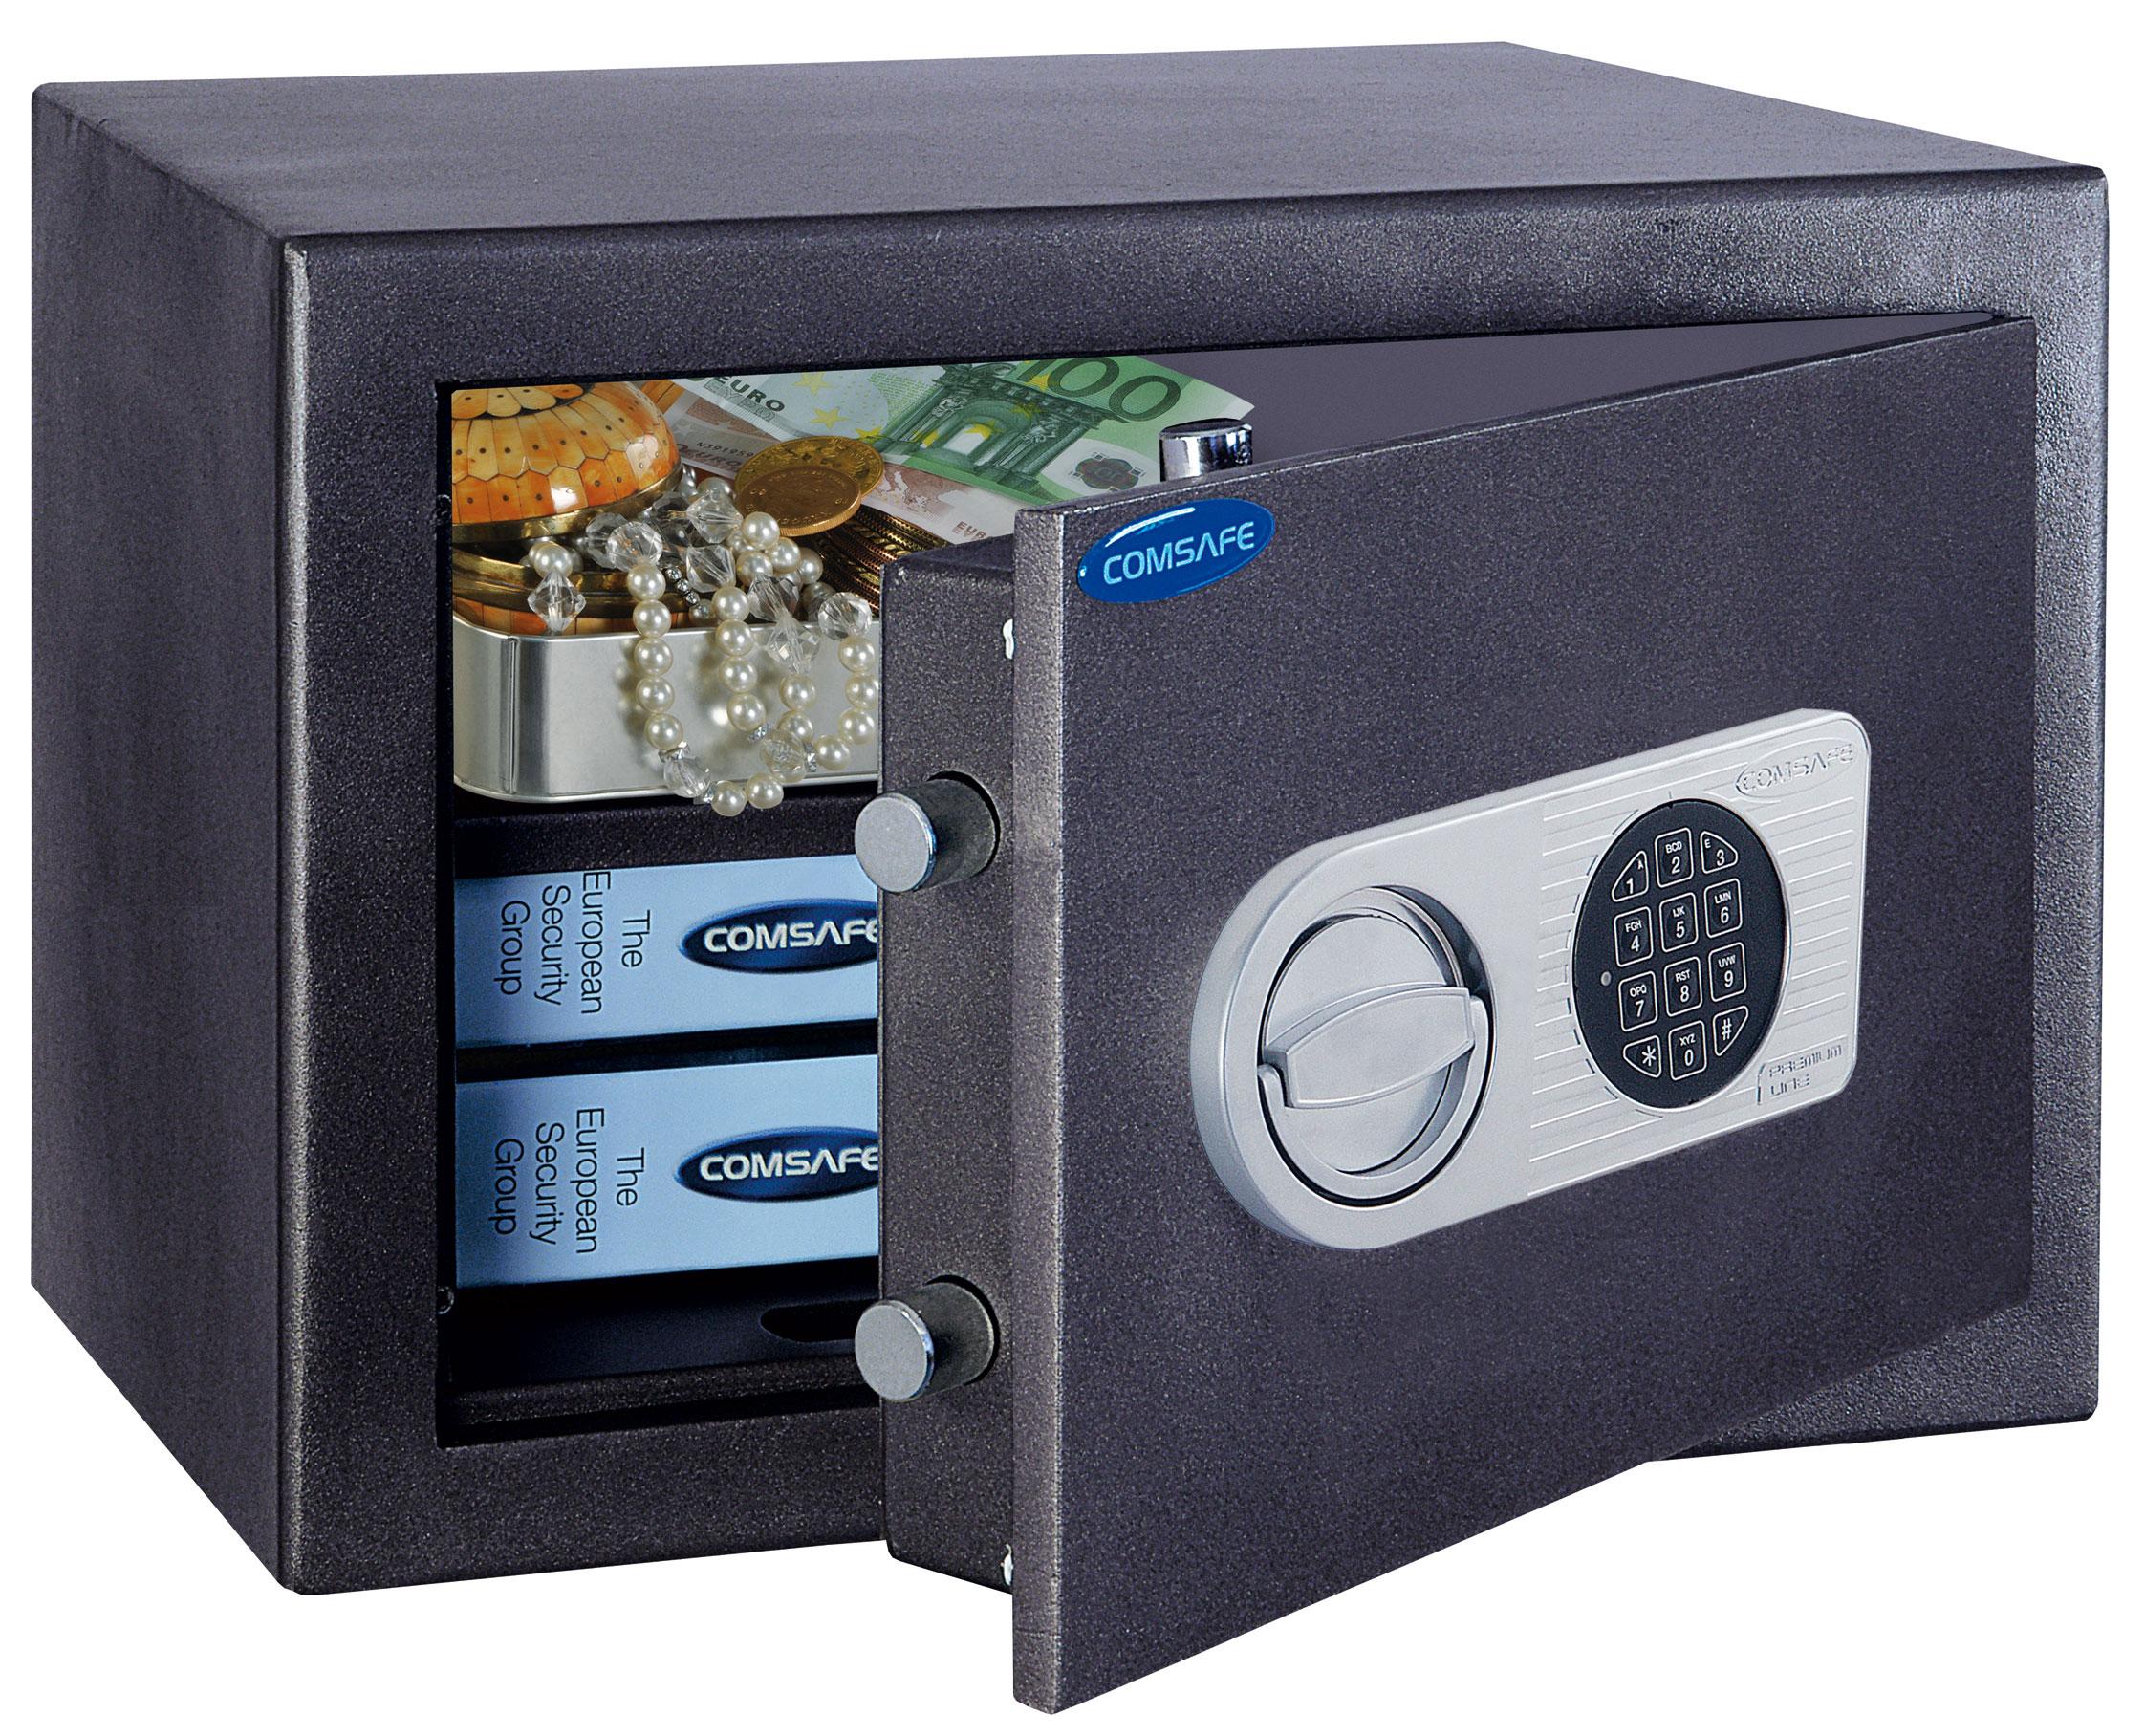 Rottner Tresor / Wertschutzschrank Toscana 40 EL 30x42x39cm EN 1 Bild 1